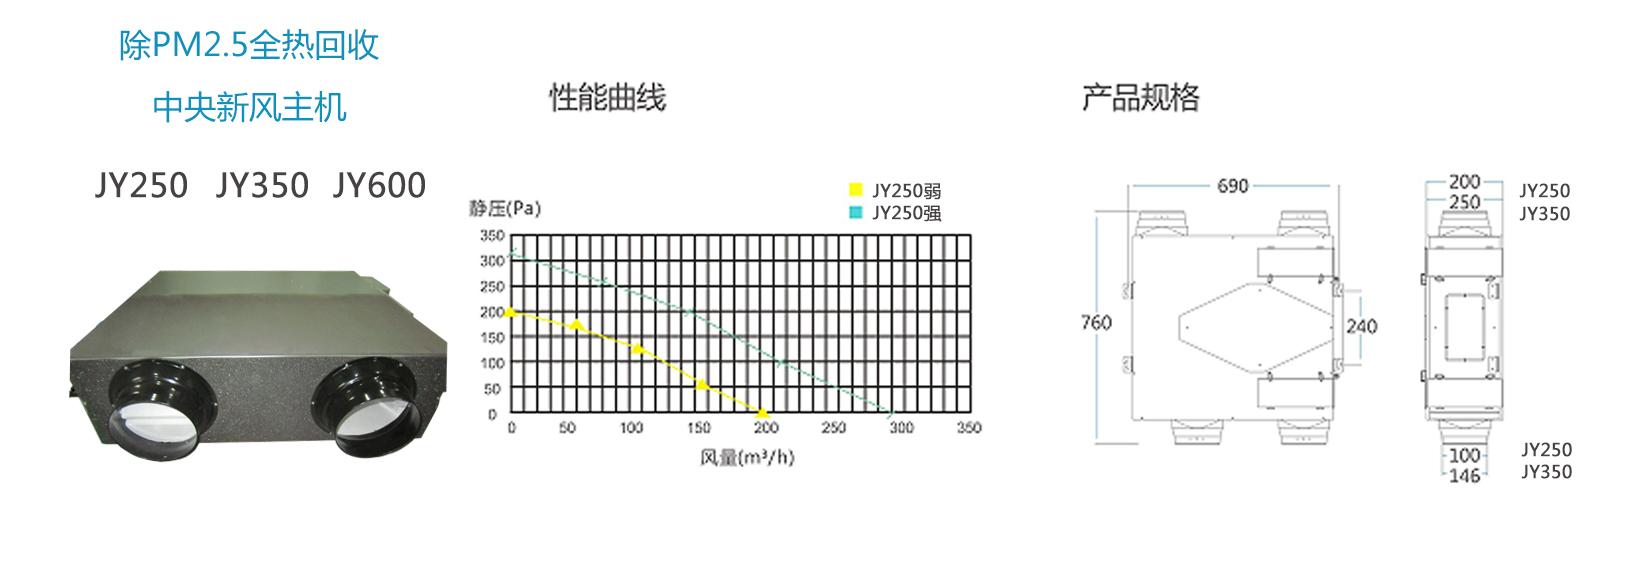 建源中央新風系統——產品規格